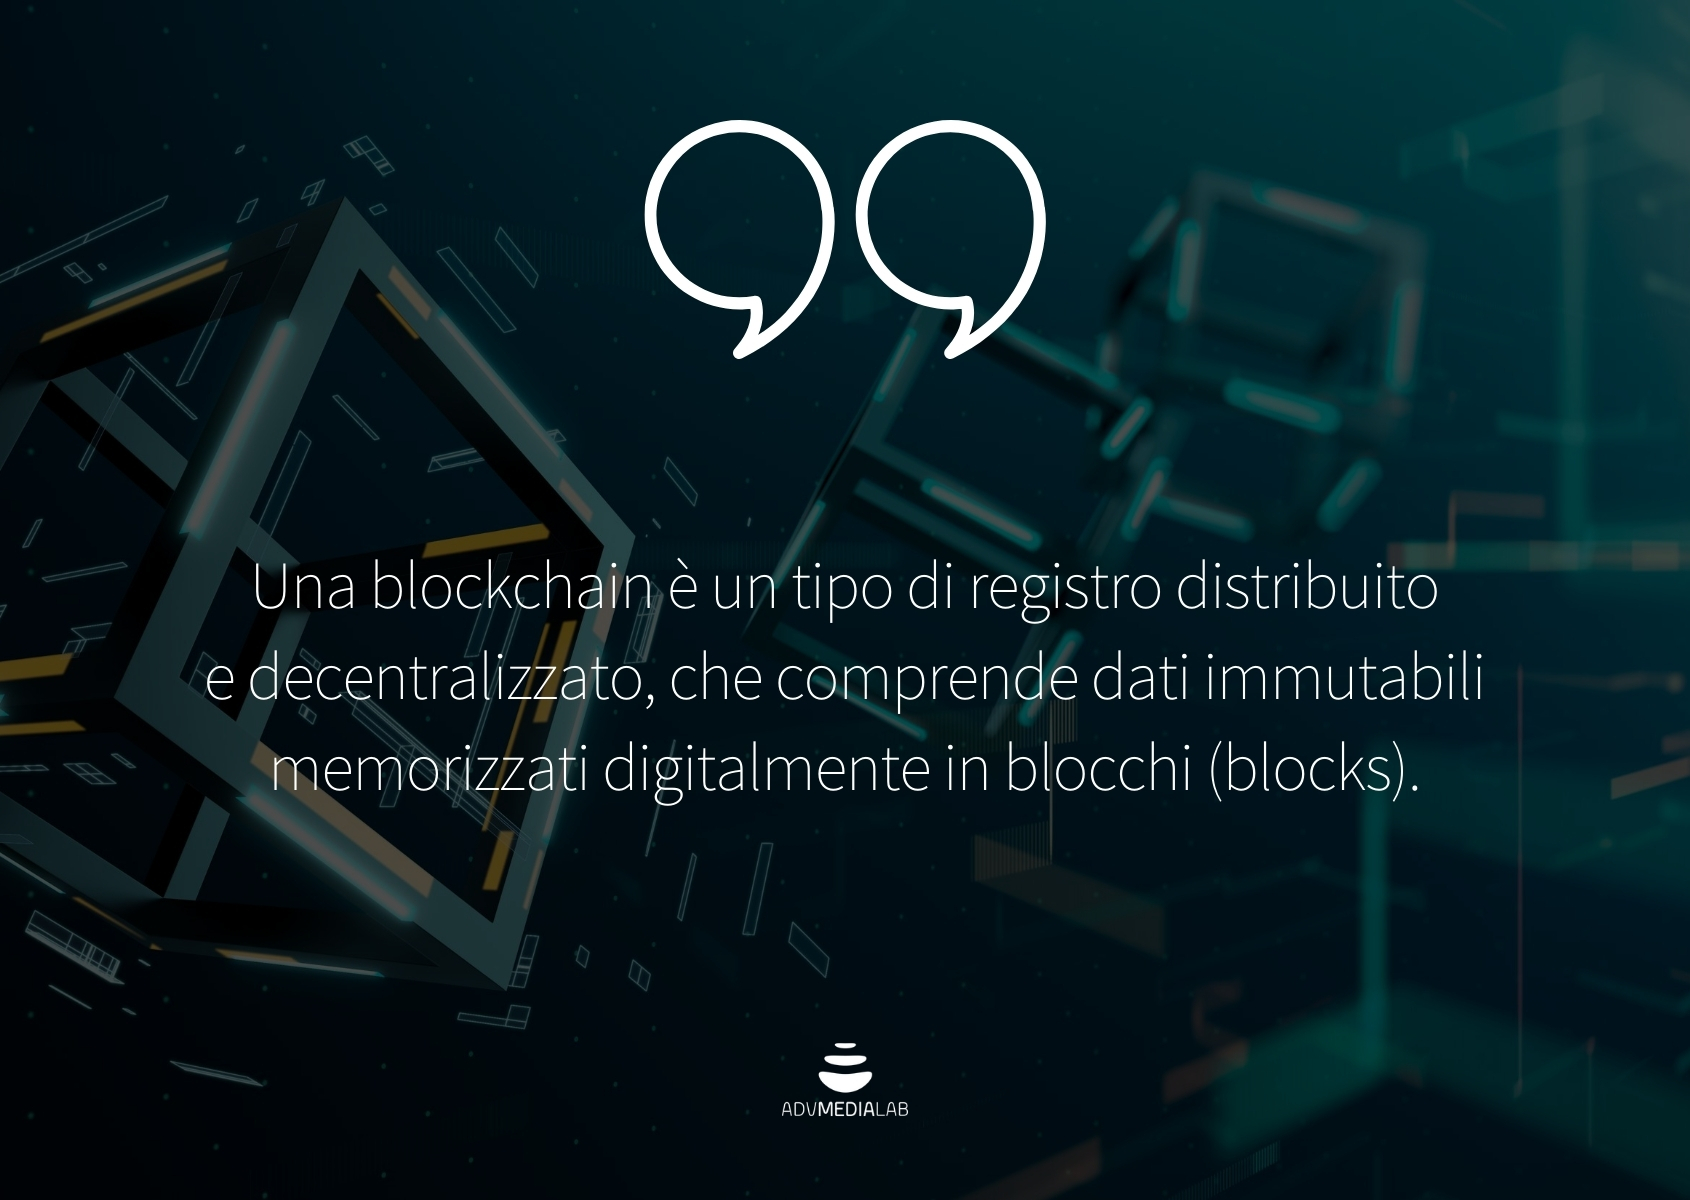 Dizionario-blockchain-quote2